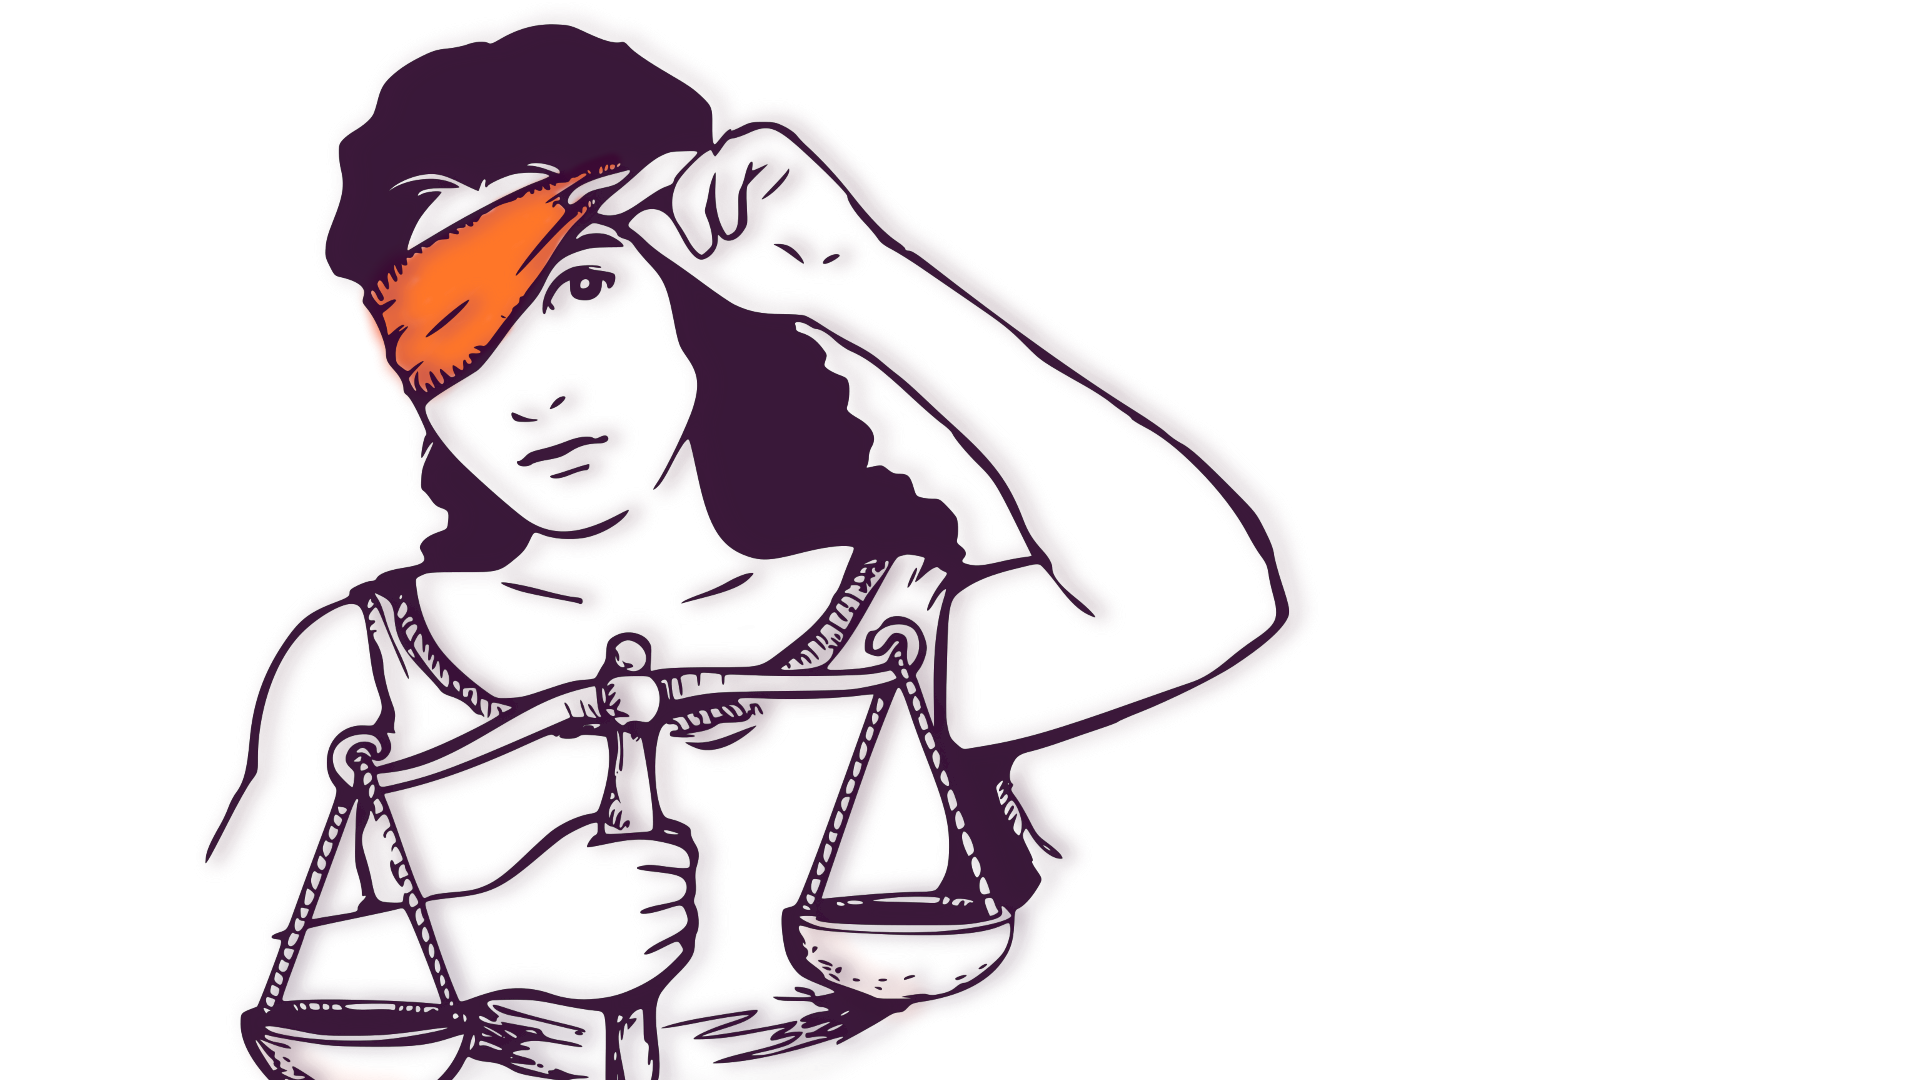 Auf den Bild sieht man Justizia mit Waag in der rechten Hand. Mit der Linken öffnet sie die Augenbinde.